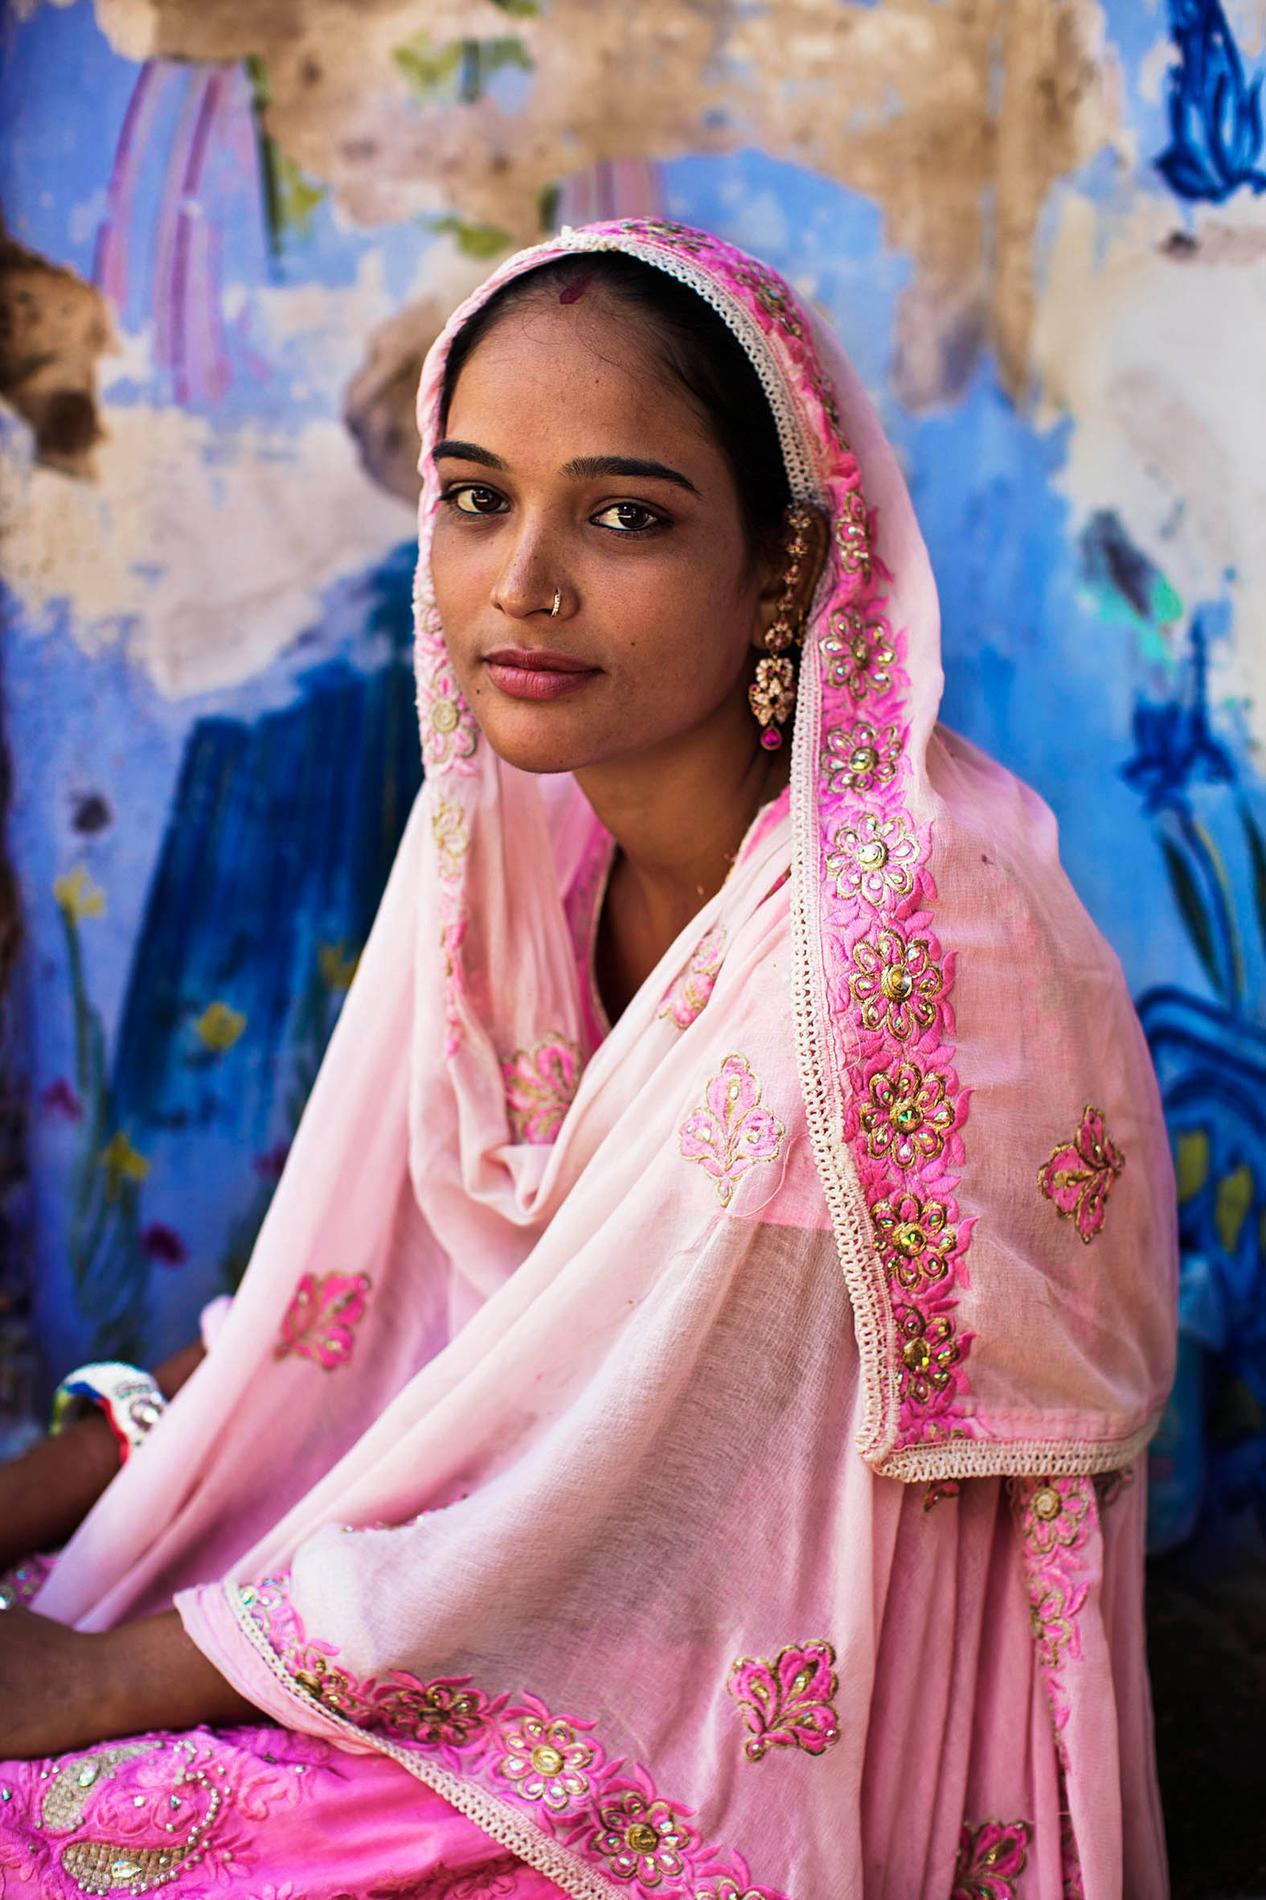 Hermosas chicas musulmanas desnudas culo